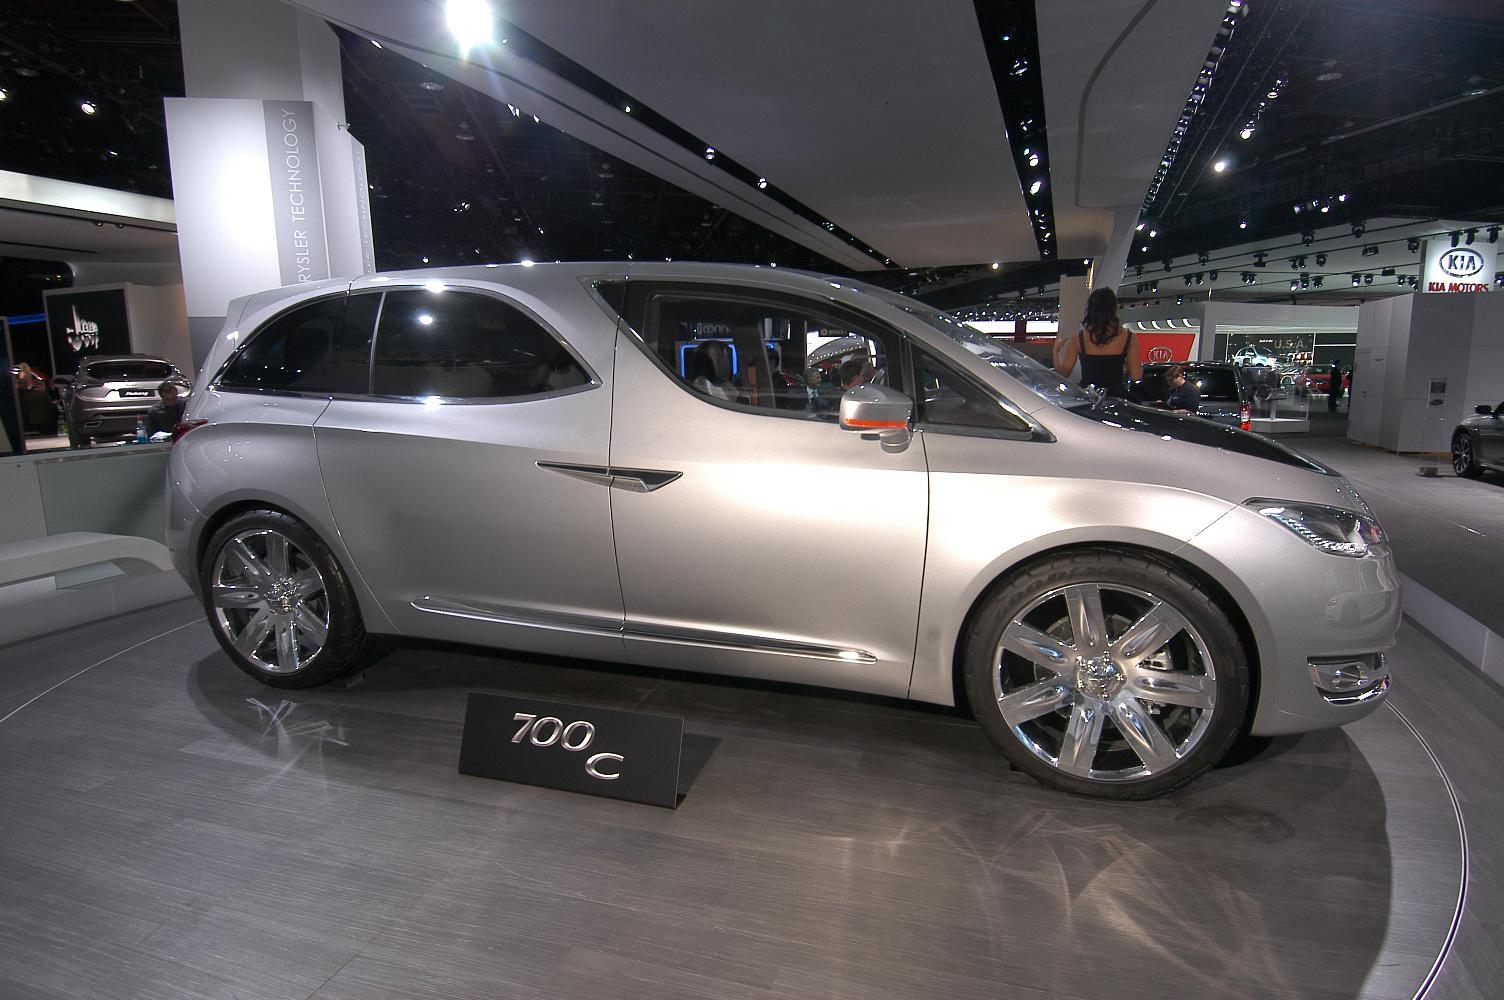 Chrysler 700C NAIAS 2012 3